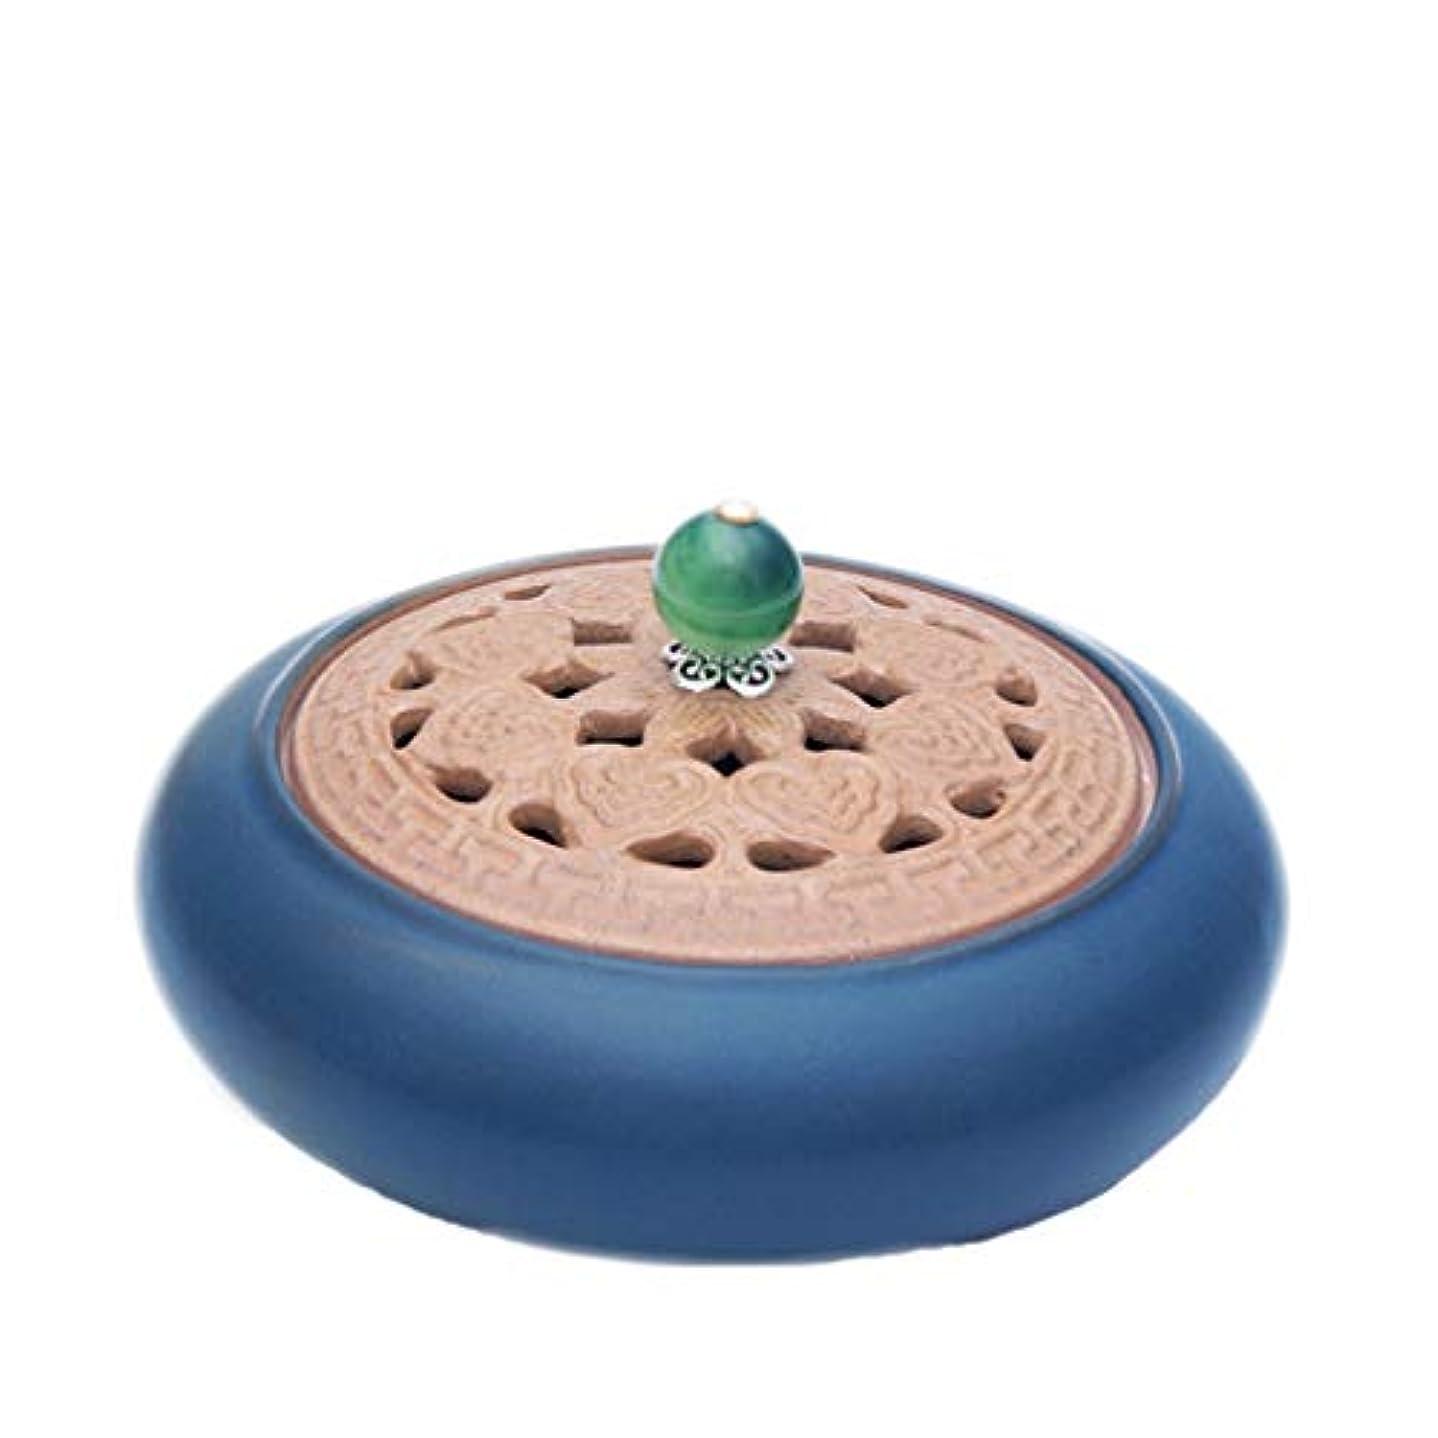 ガソリンパスポート法的芳香器?アロマバーナー アンティークセラミック小さな香バーナーホームインドアガーウッドハース香純粋な銅白檀炉アロマテラピー炉 アロマバーナー (Color : Green)